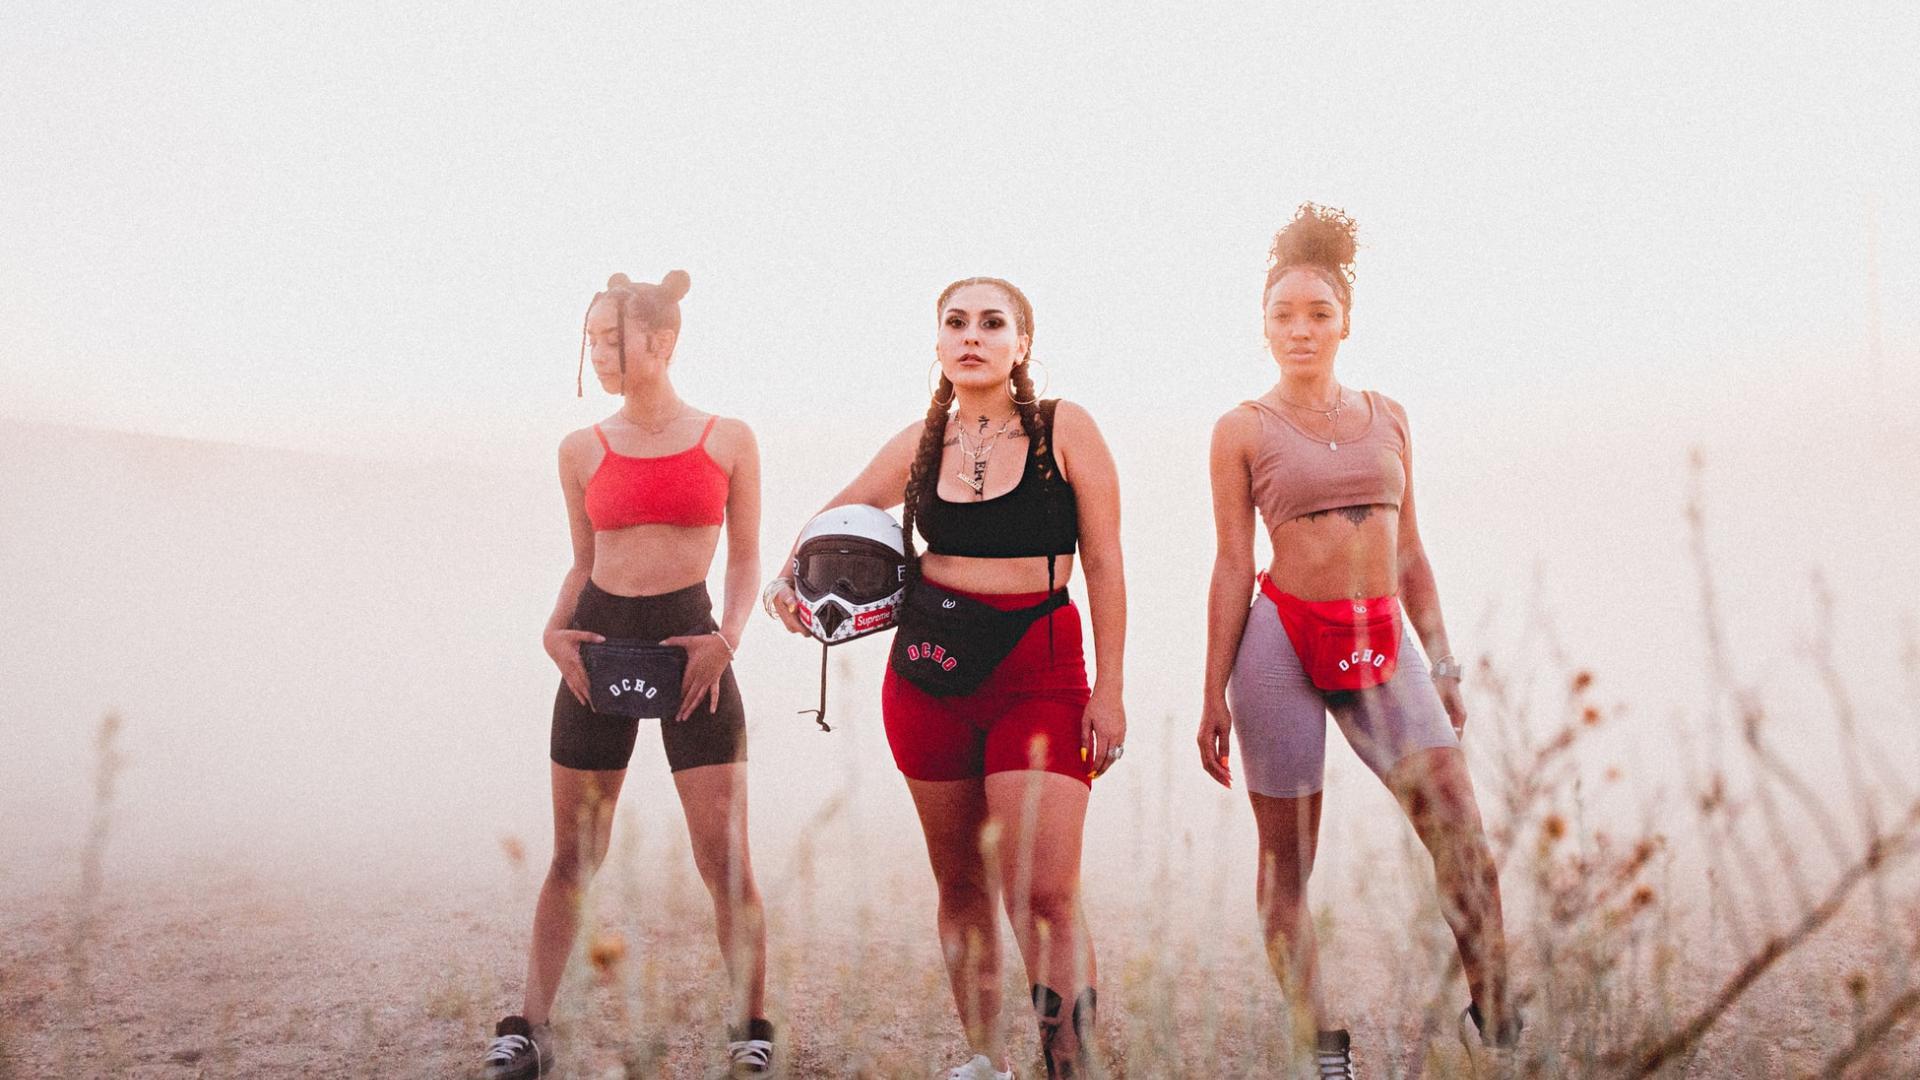 strake Frauen, Body Positivity, reibende oberschenkel radler hose